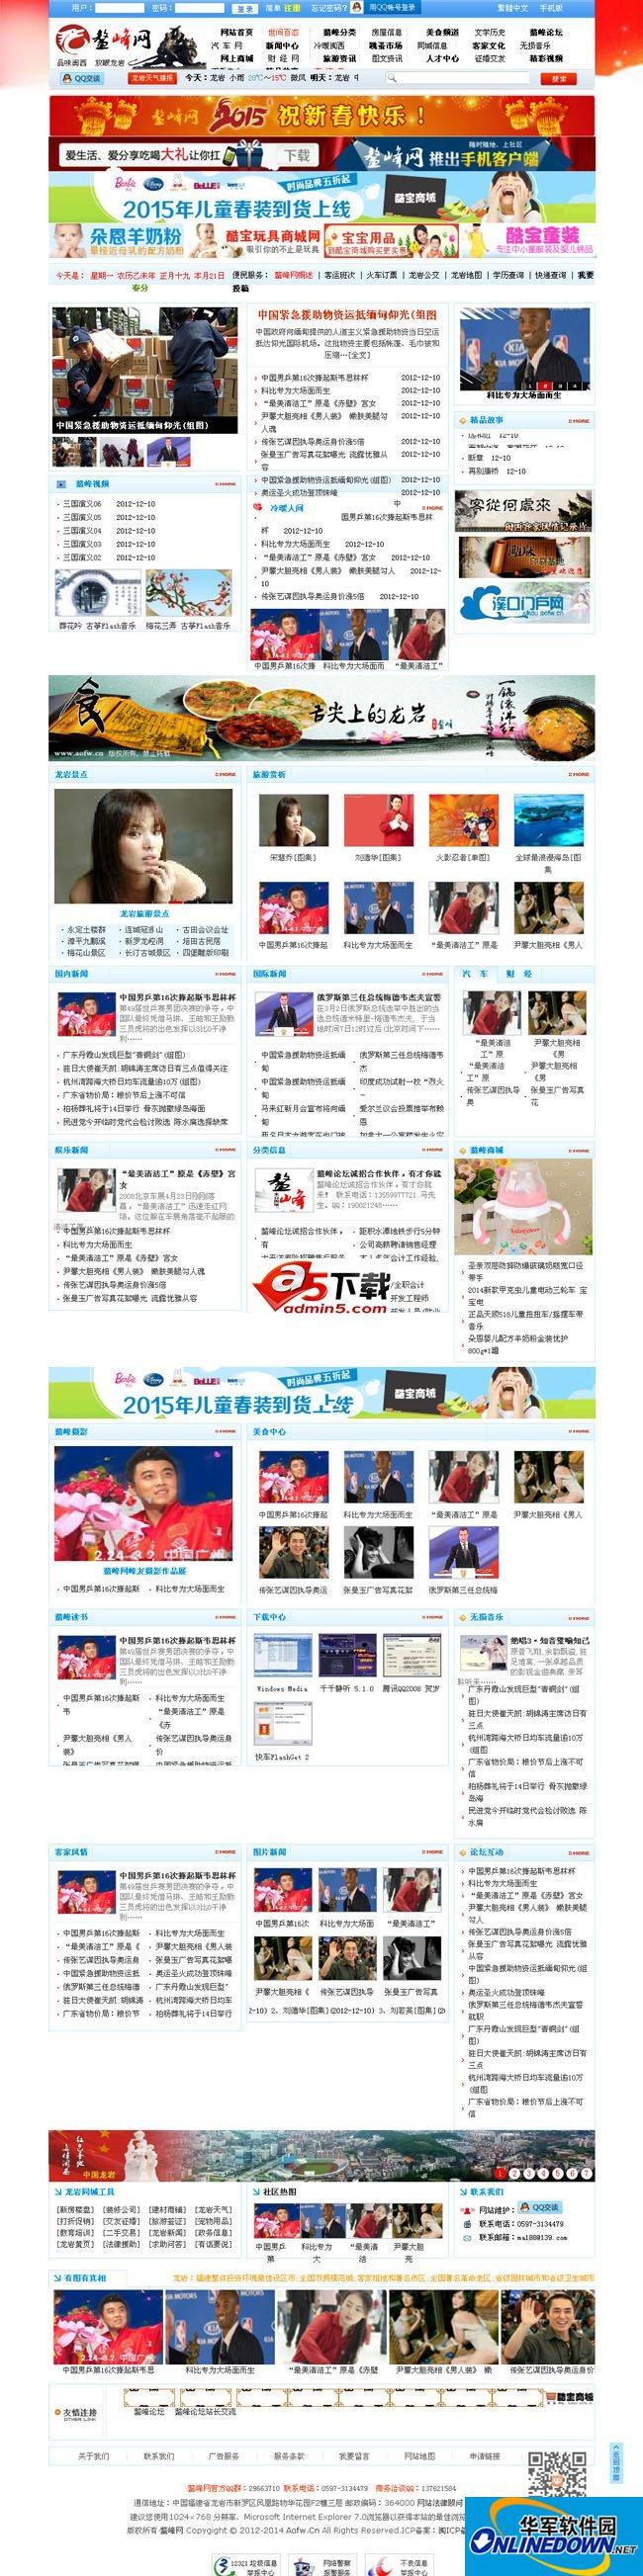 仿鳌峰网整站2015中国红版 7.2